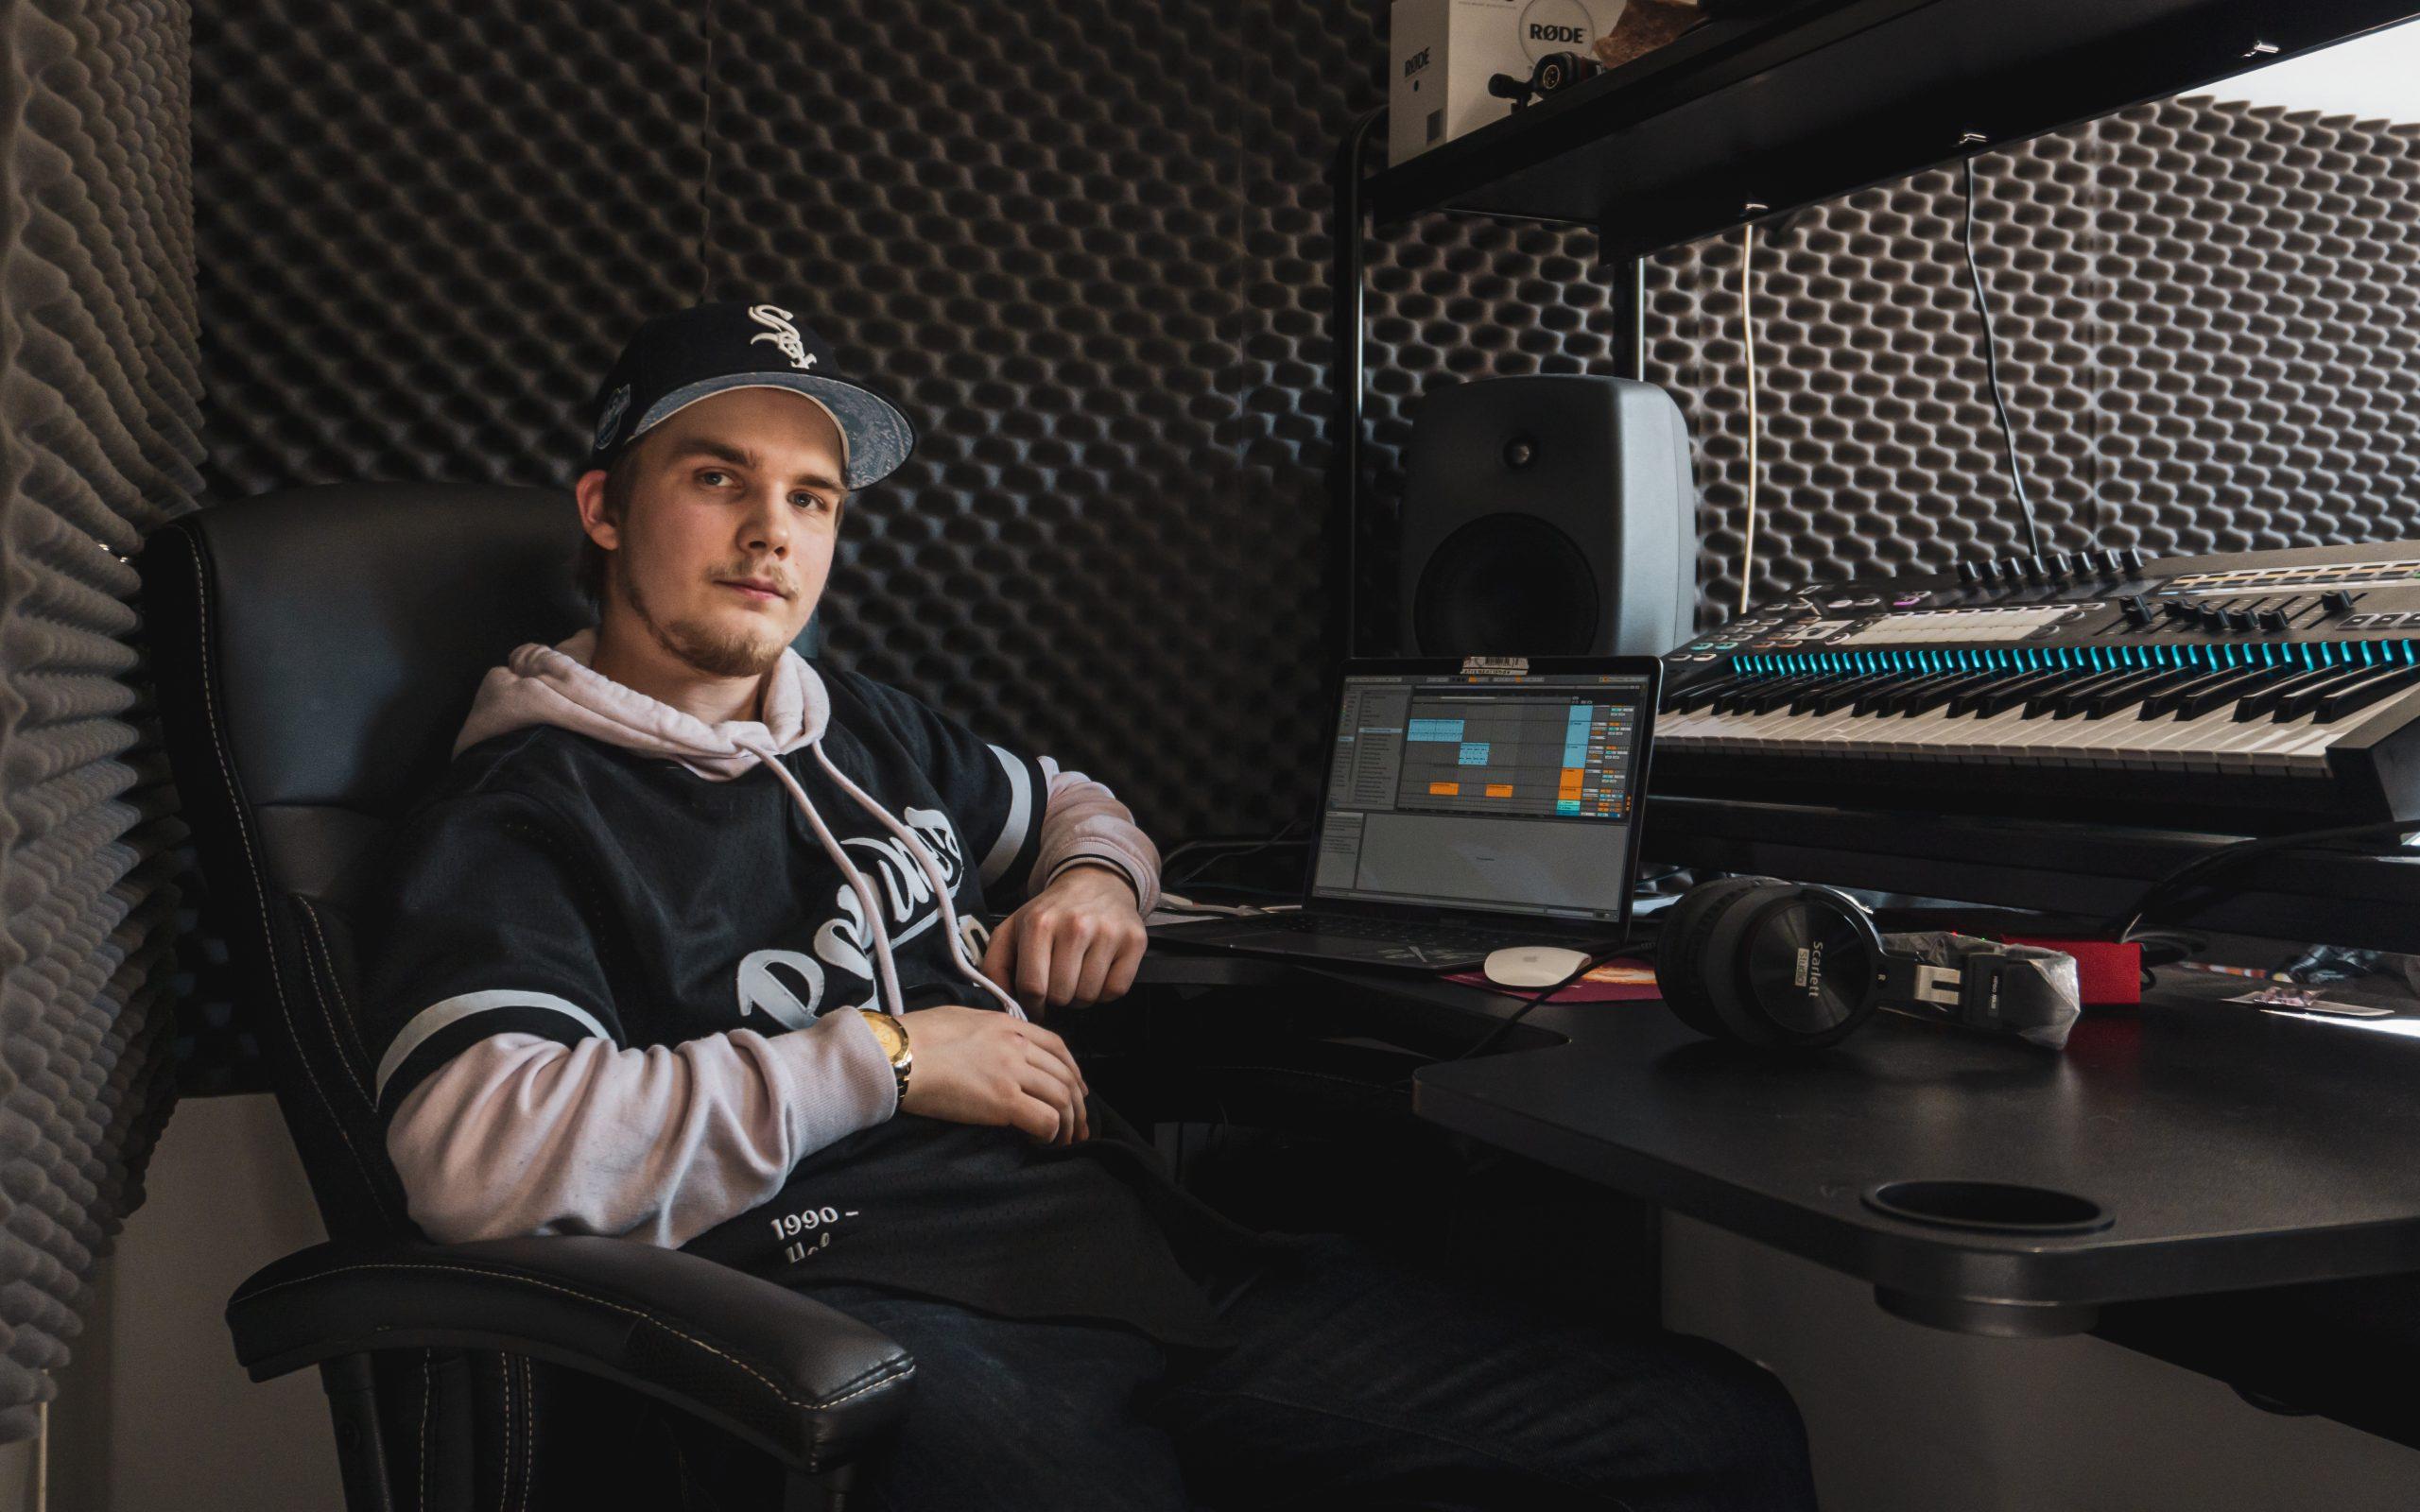 Aaro Venäläinen istuu studiossa katsoen kameraan